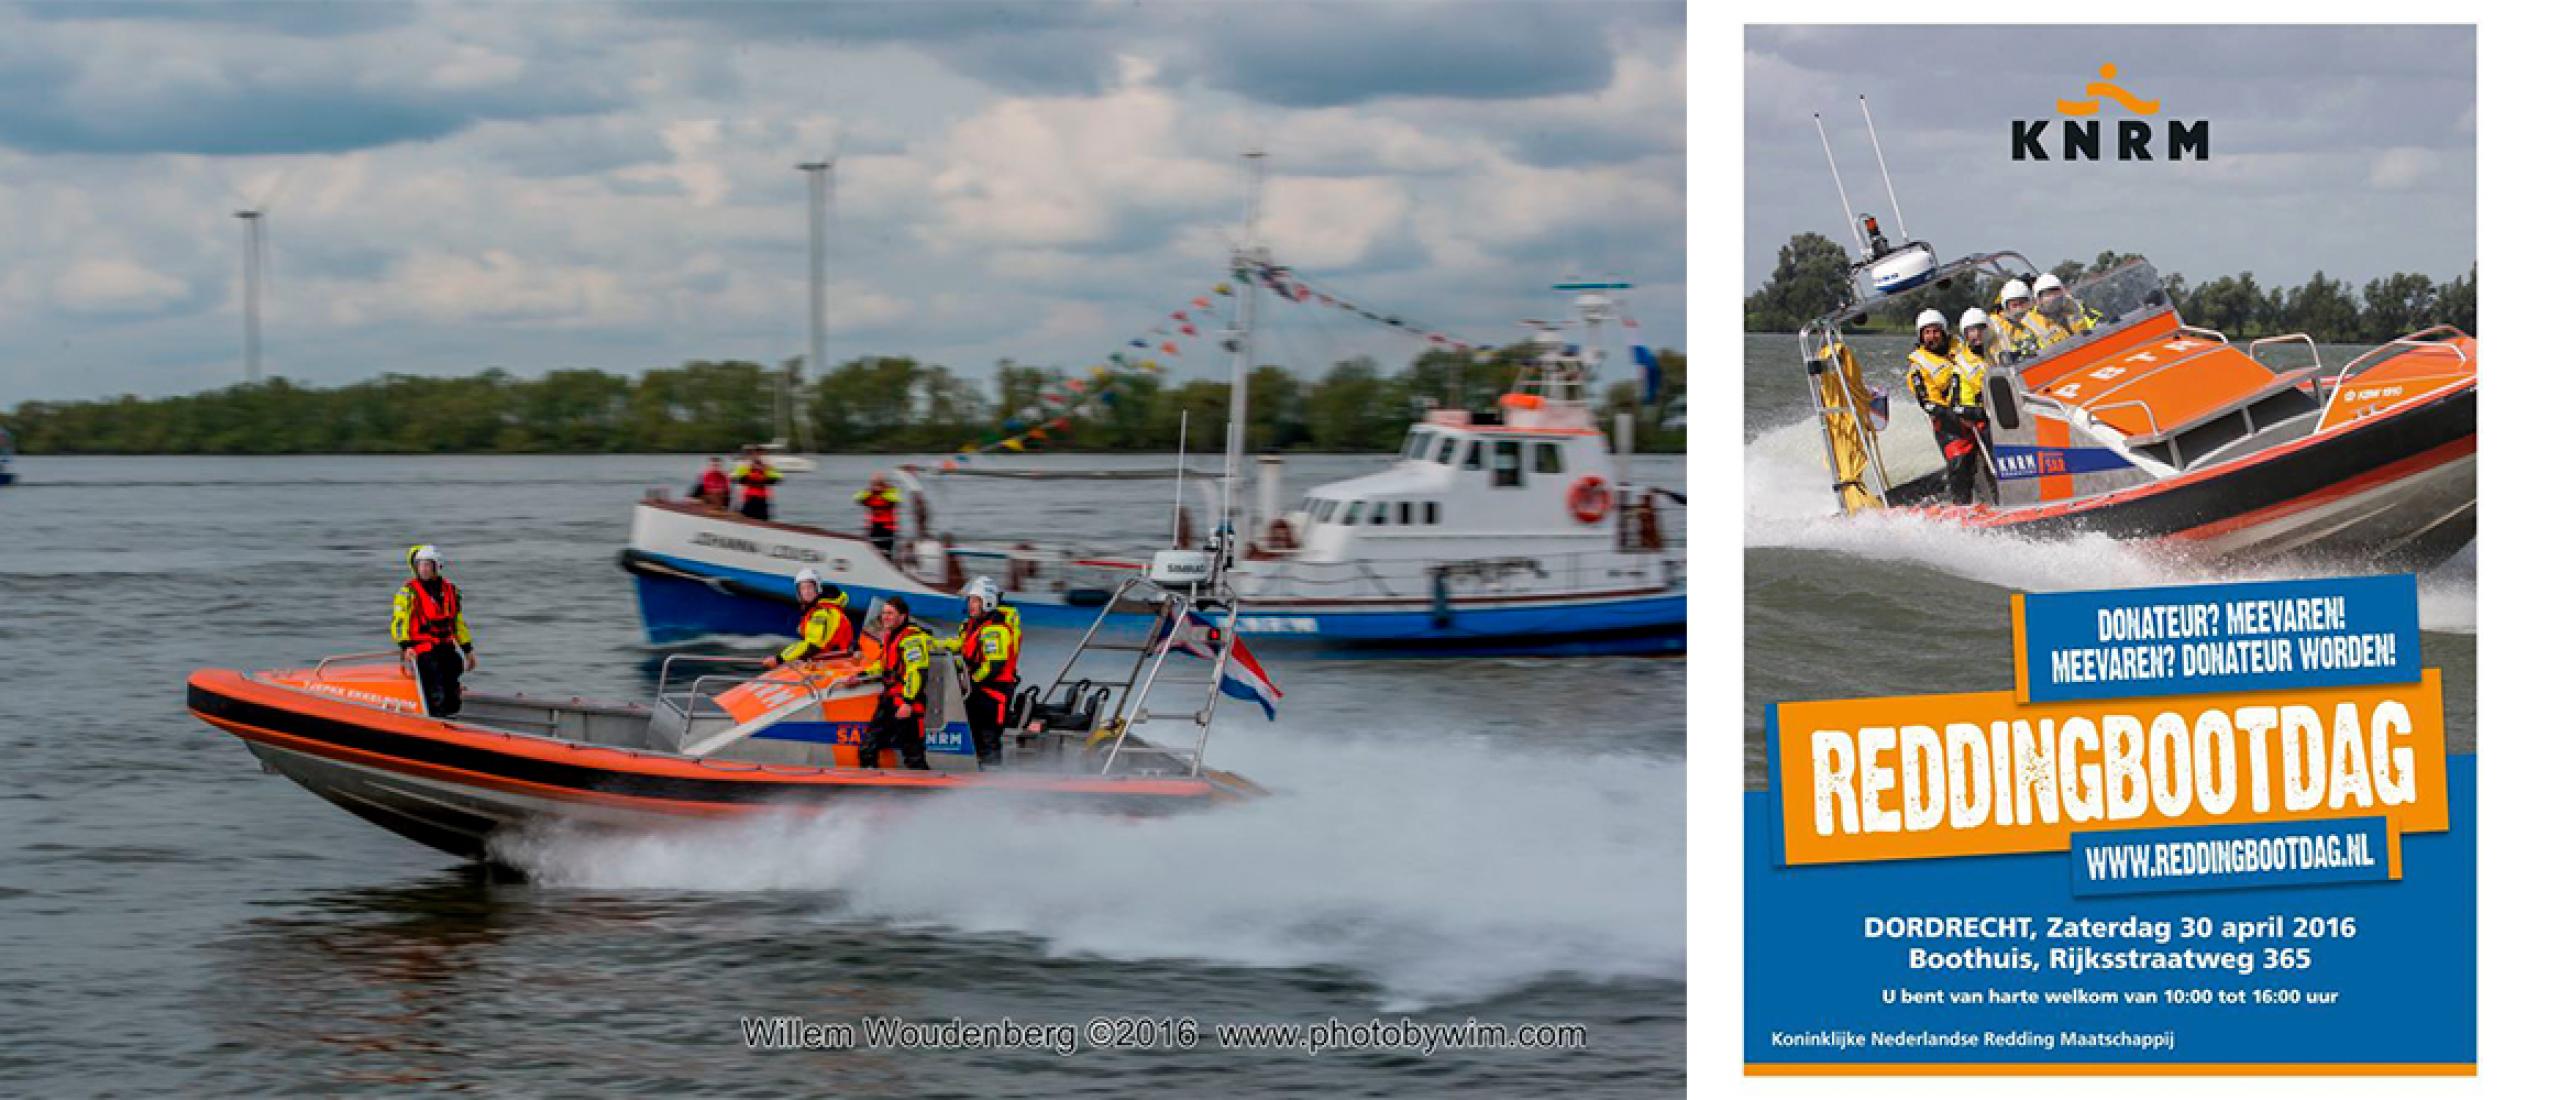 KNRM Reddingbootdag